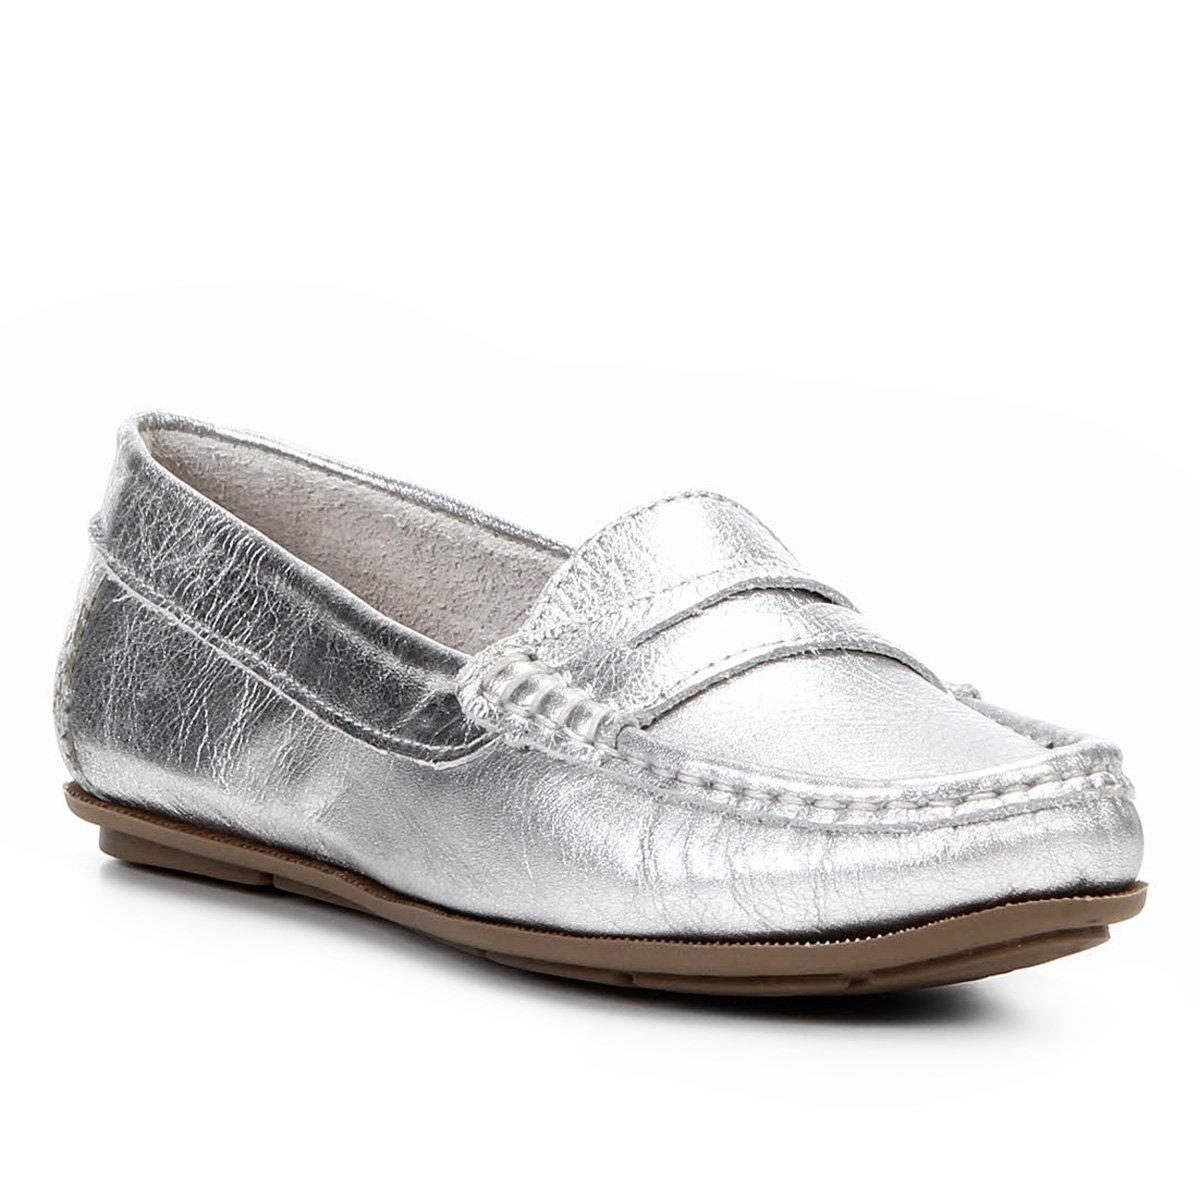 824bccabe9 Mocassim Shoestock Couro - Chumbo - Compre Agora